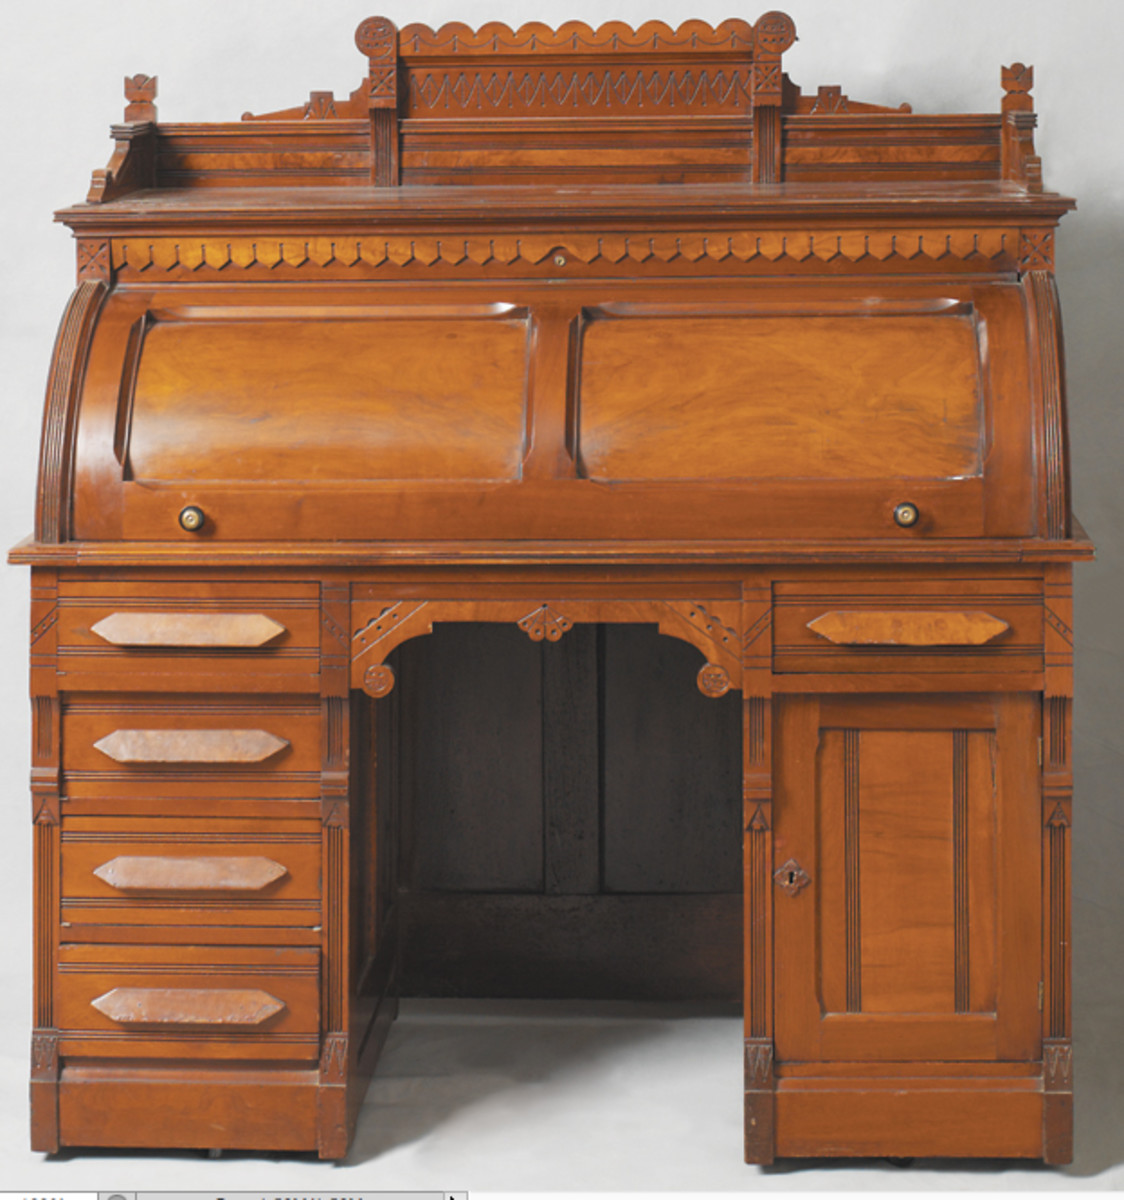 Eastlake design desk